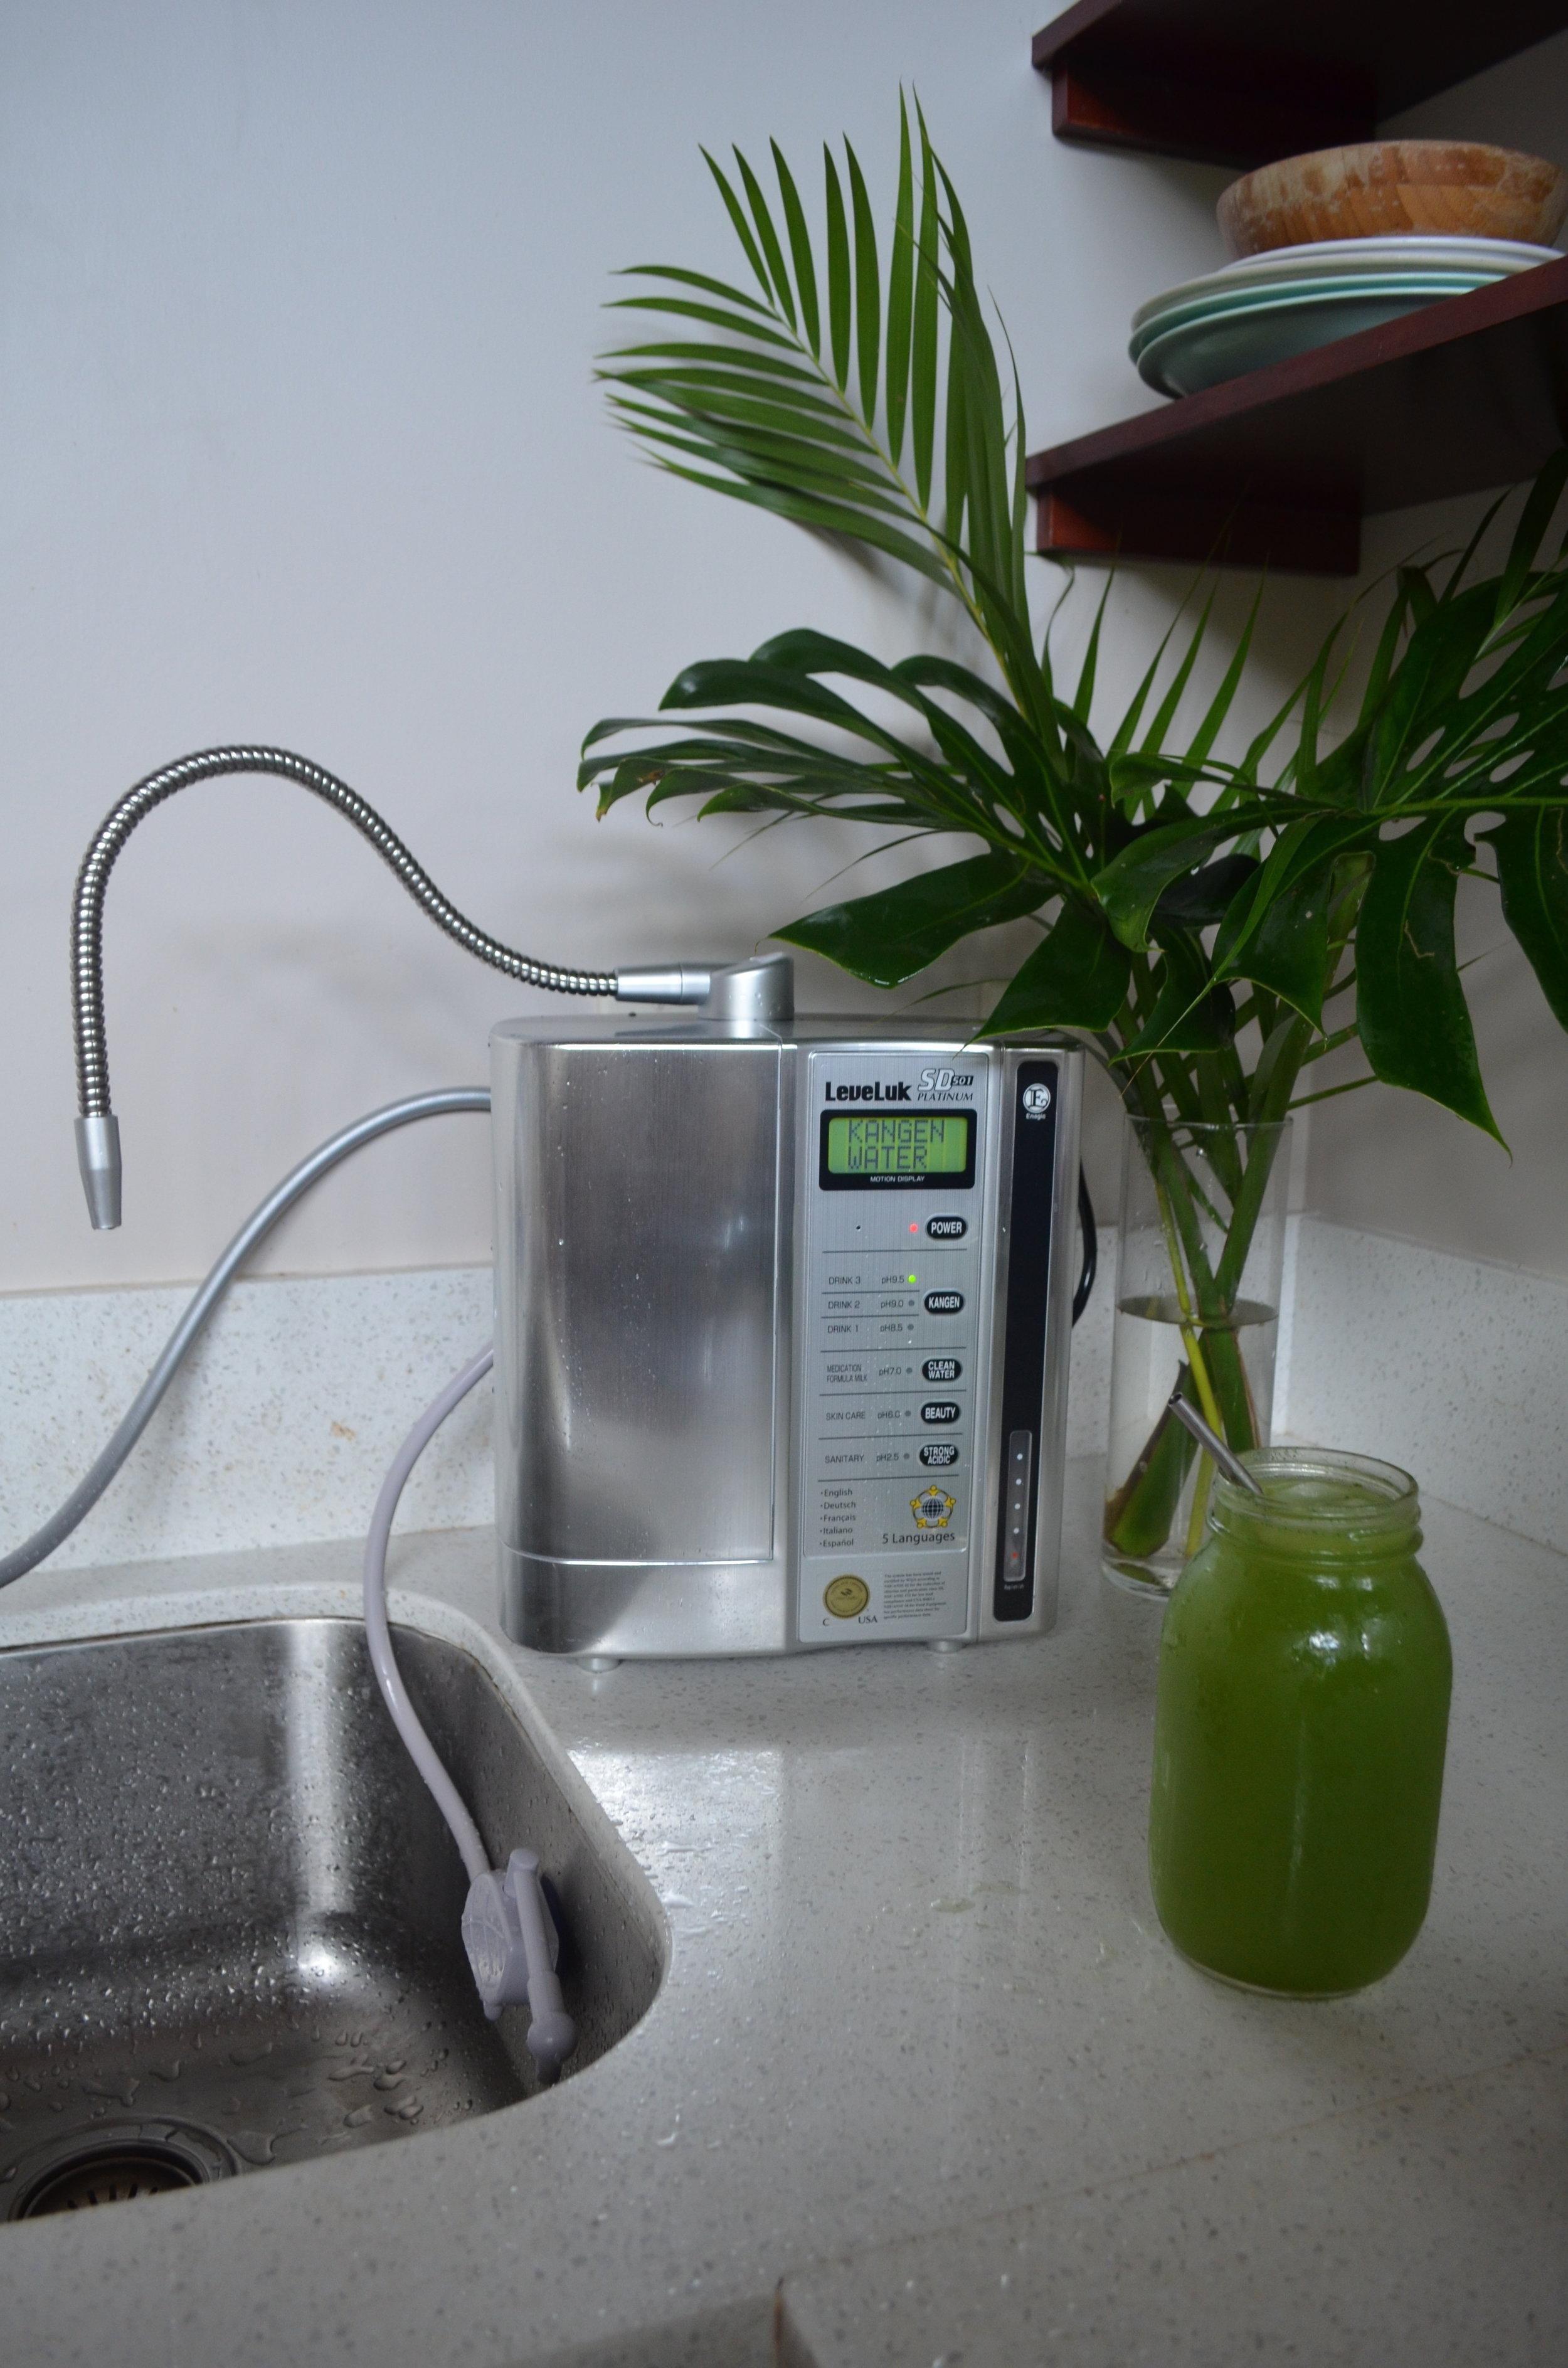 Kangen Water Machine.JPG